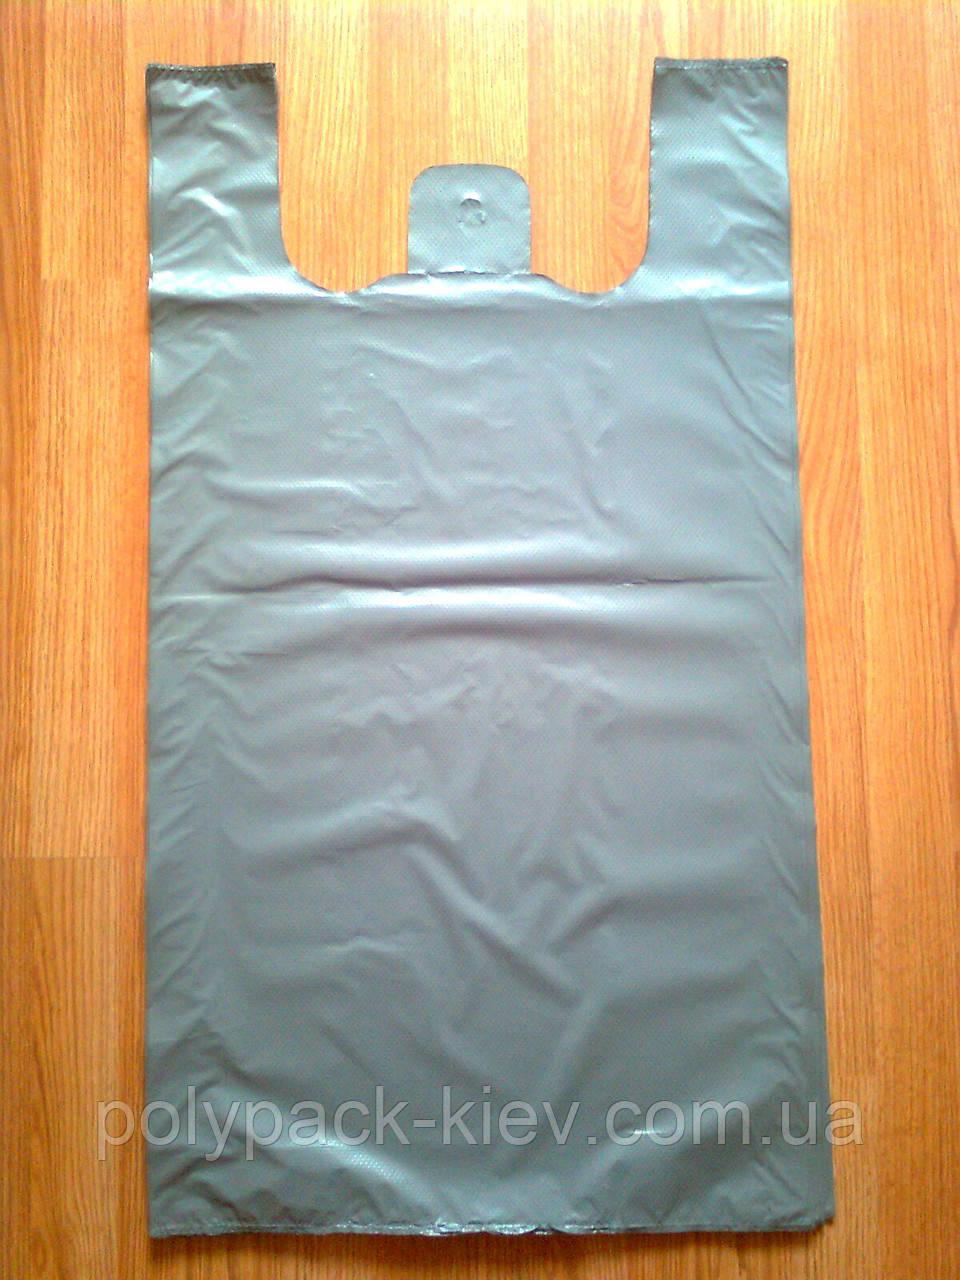 Поліетиленові пакети 50*90 см/ 50 шт. уп, тип BMW БМВ пакет мега-майка міцні щільні без печатки малюнка Київ